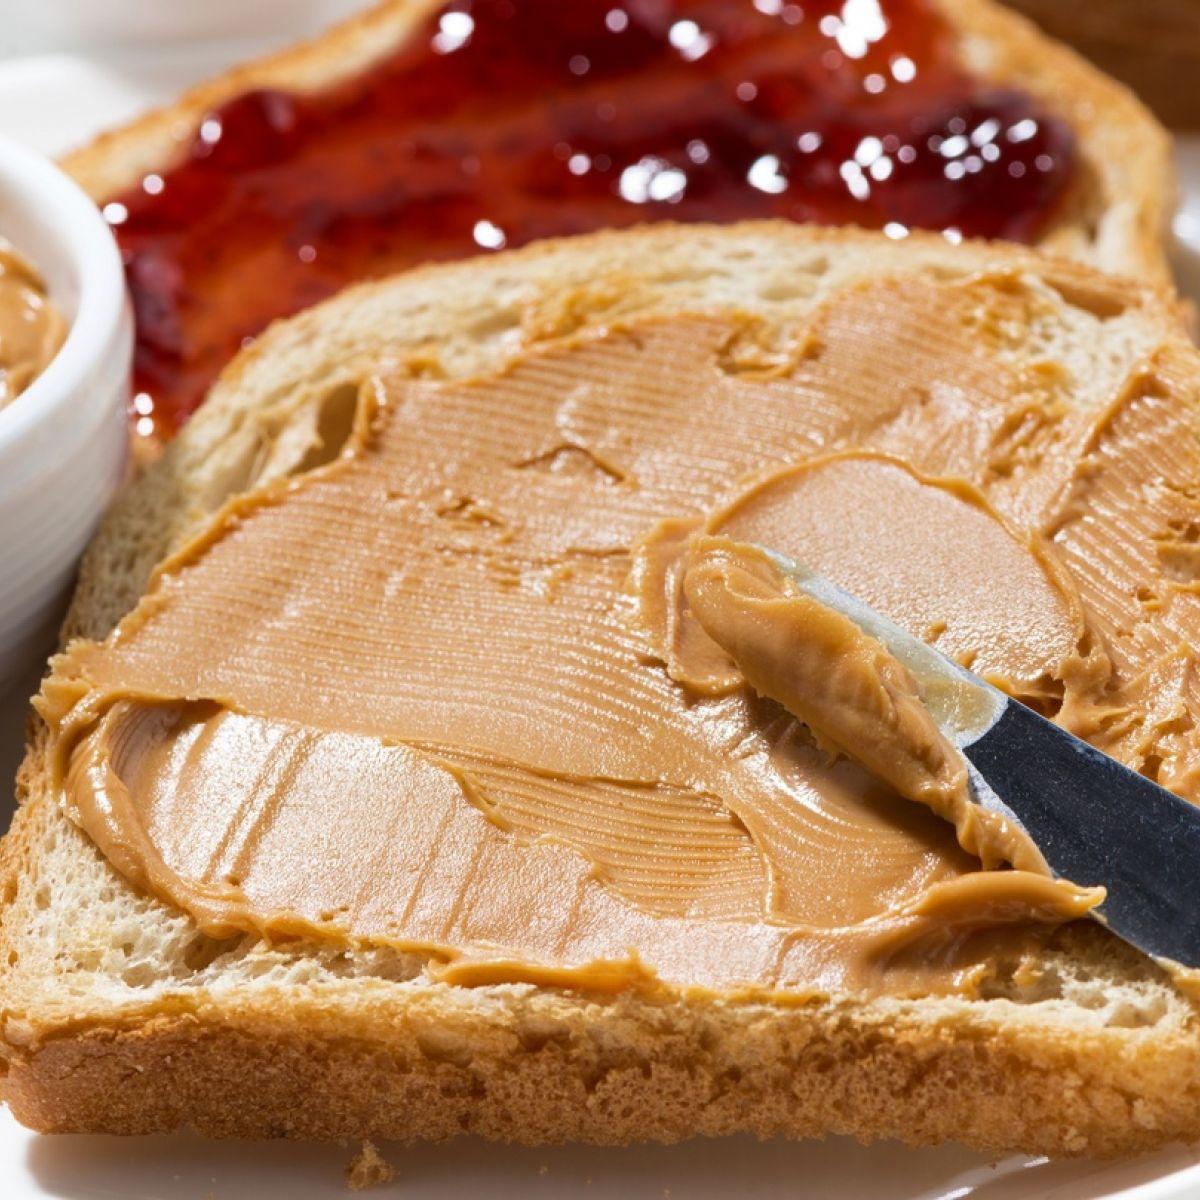 Kết quả hình ảnh cho peanut butter meals